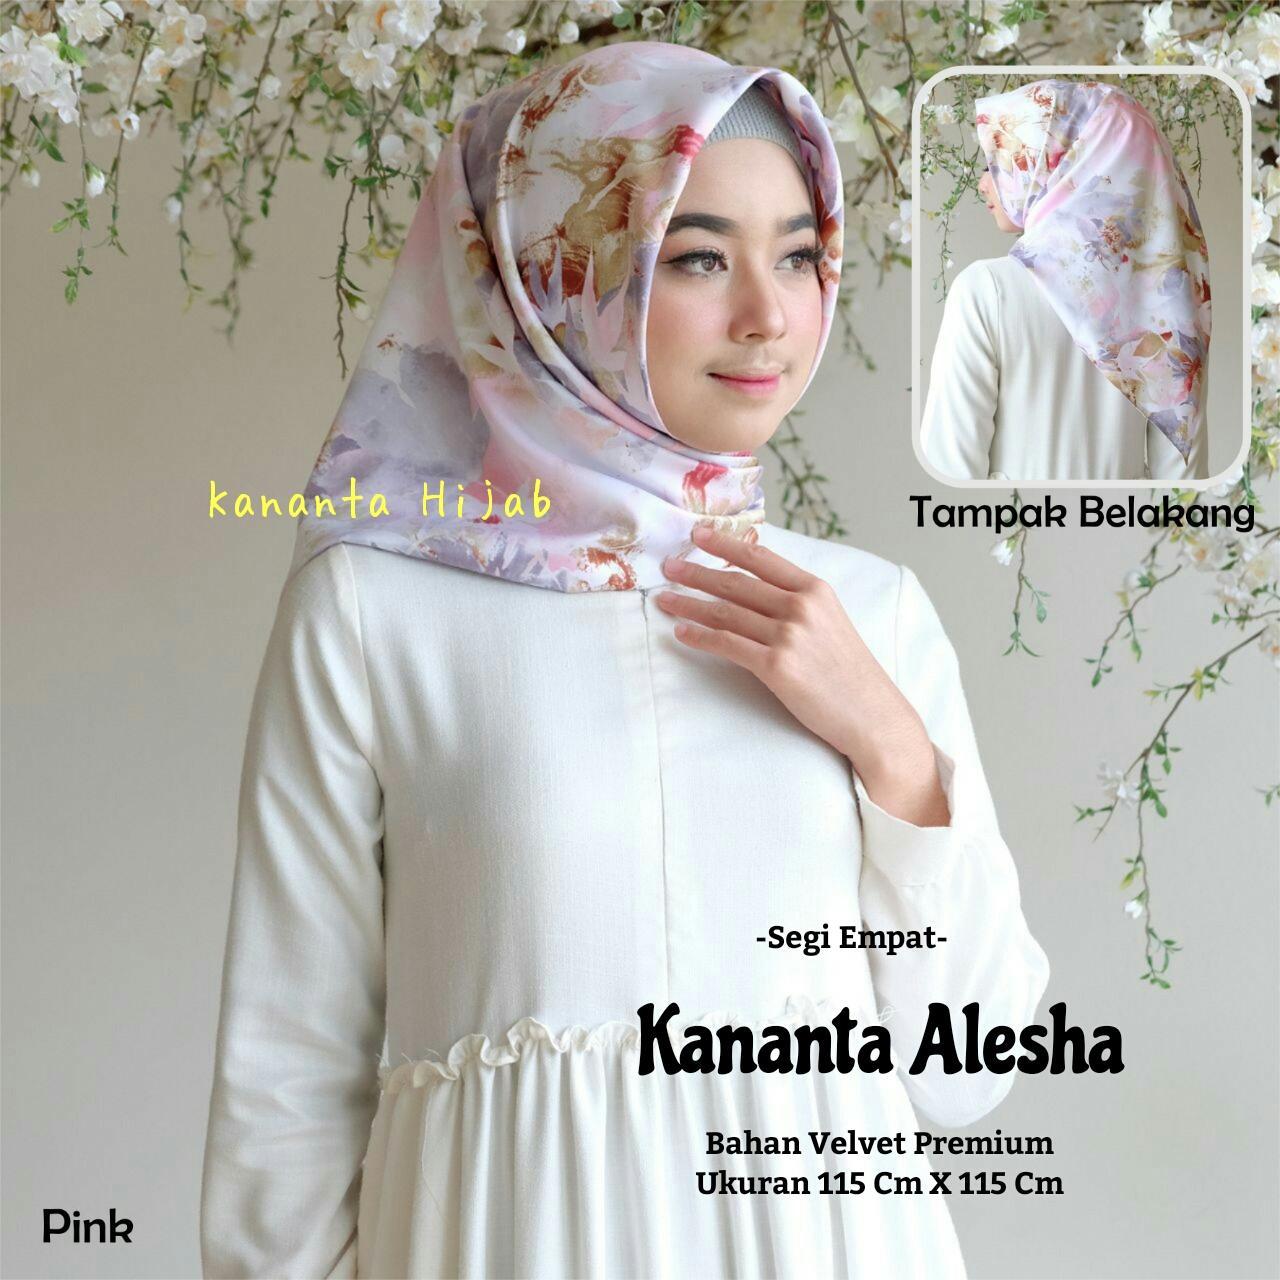 Hijab Segi Empat Motif Bunga Bahan Velvet Premium Kananta Alesha Segiempat